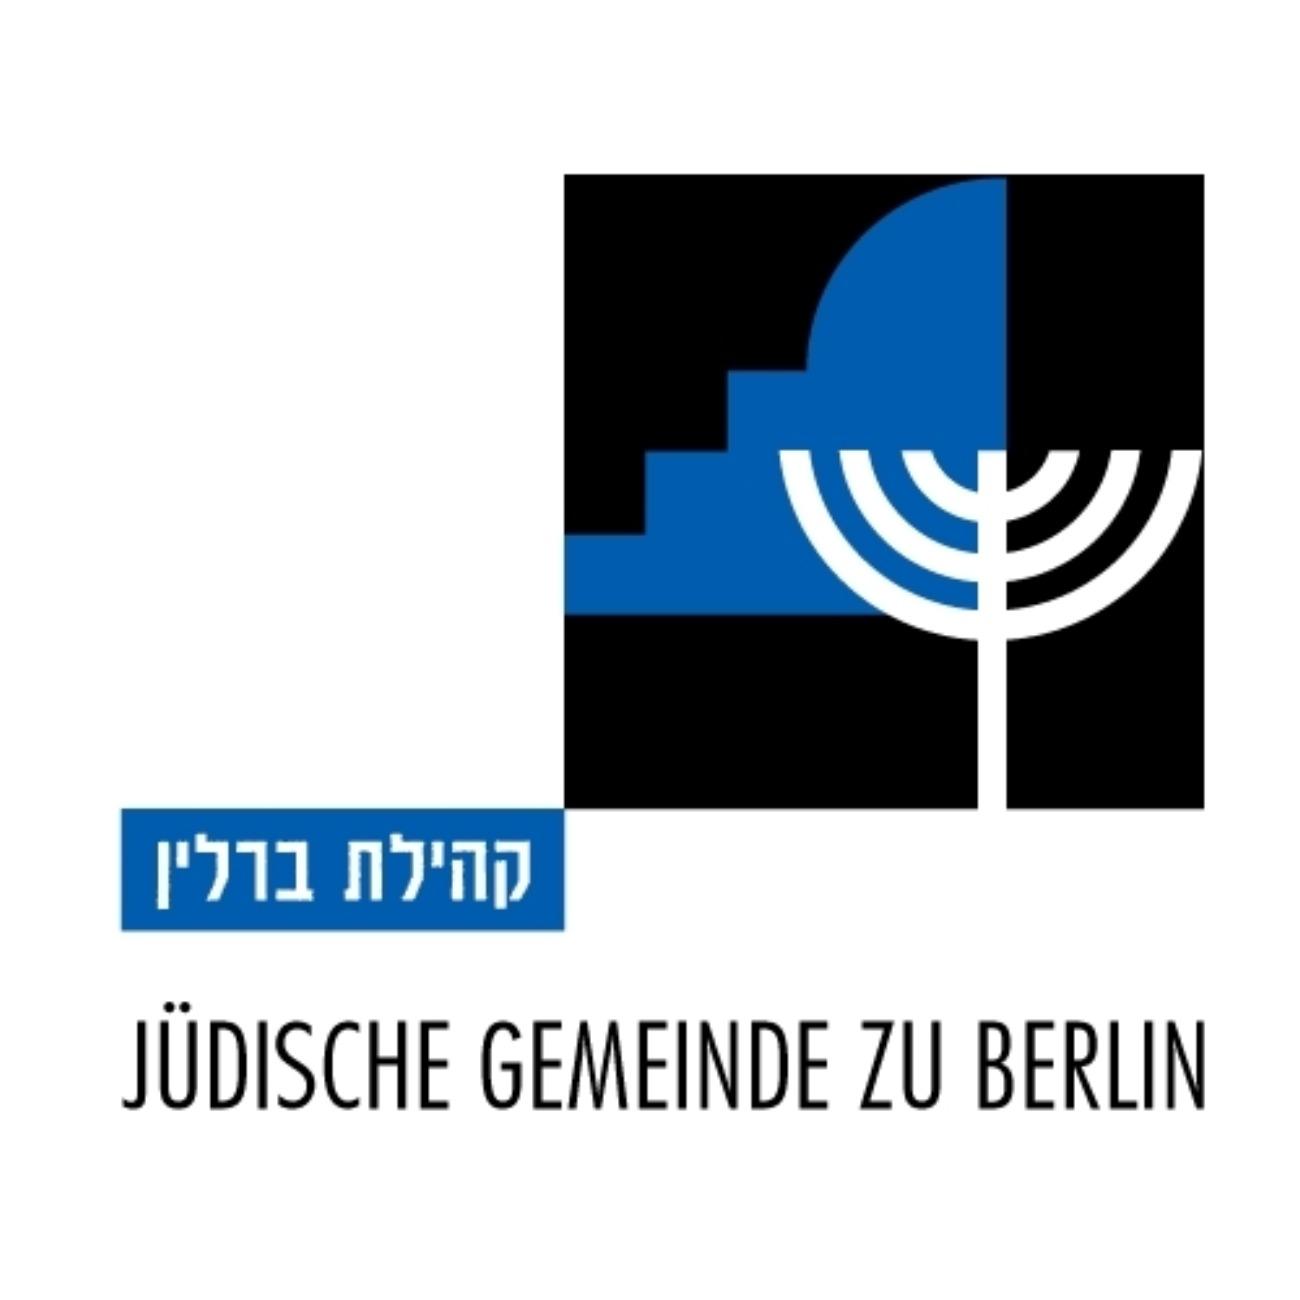 judische gemeinde zu berlin logo